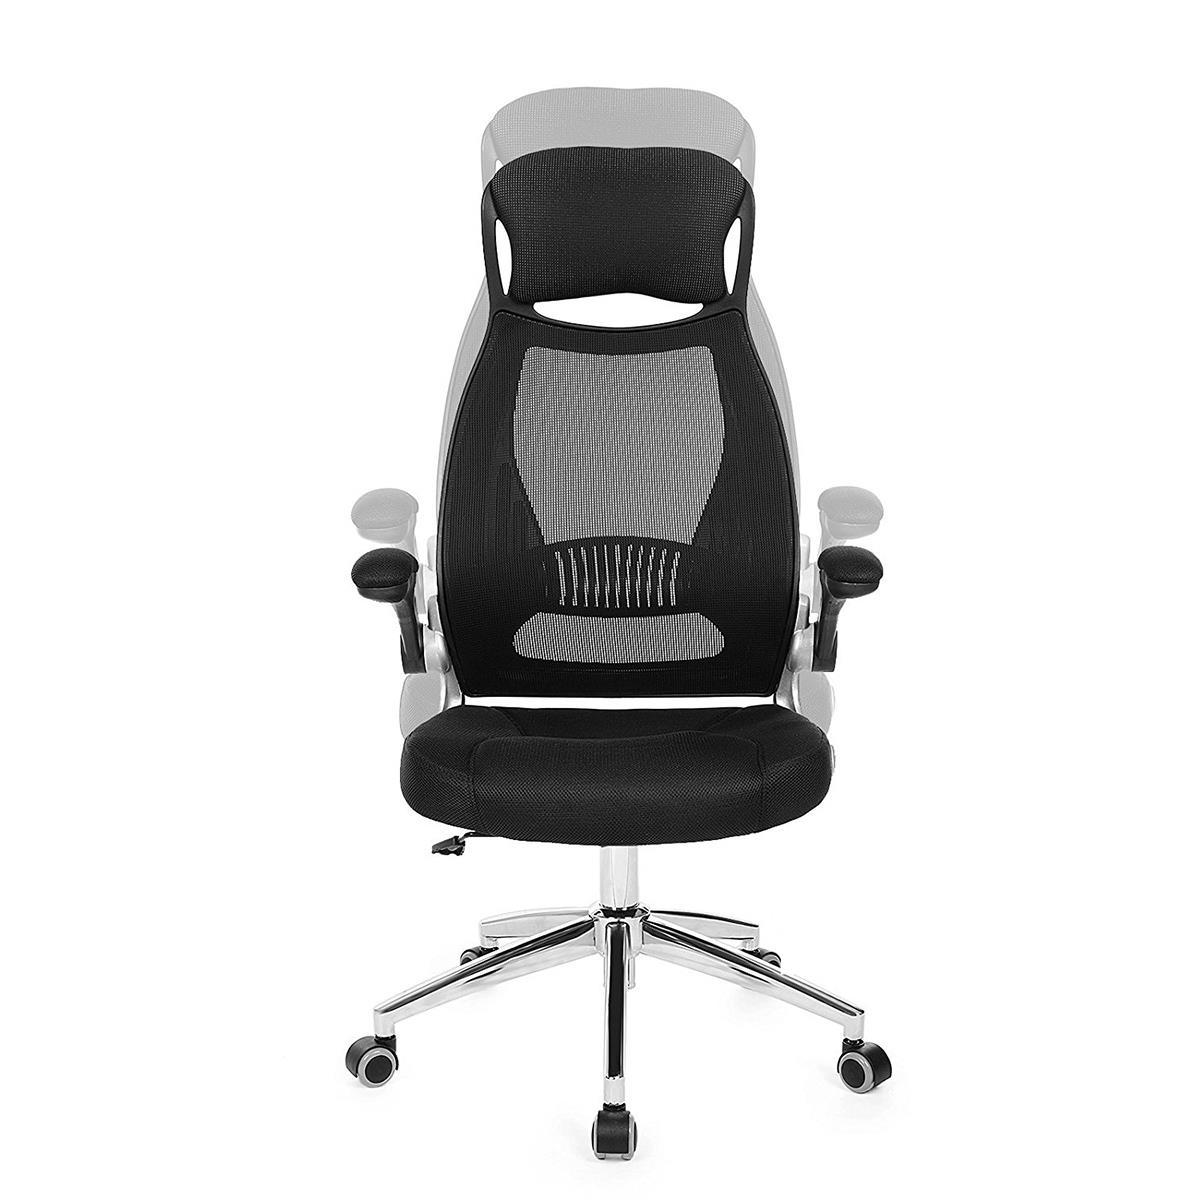 Sedia ergonomica niki in rete traspirante colore nero for Sedia ergonomica